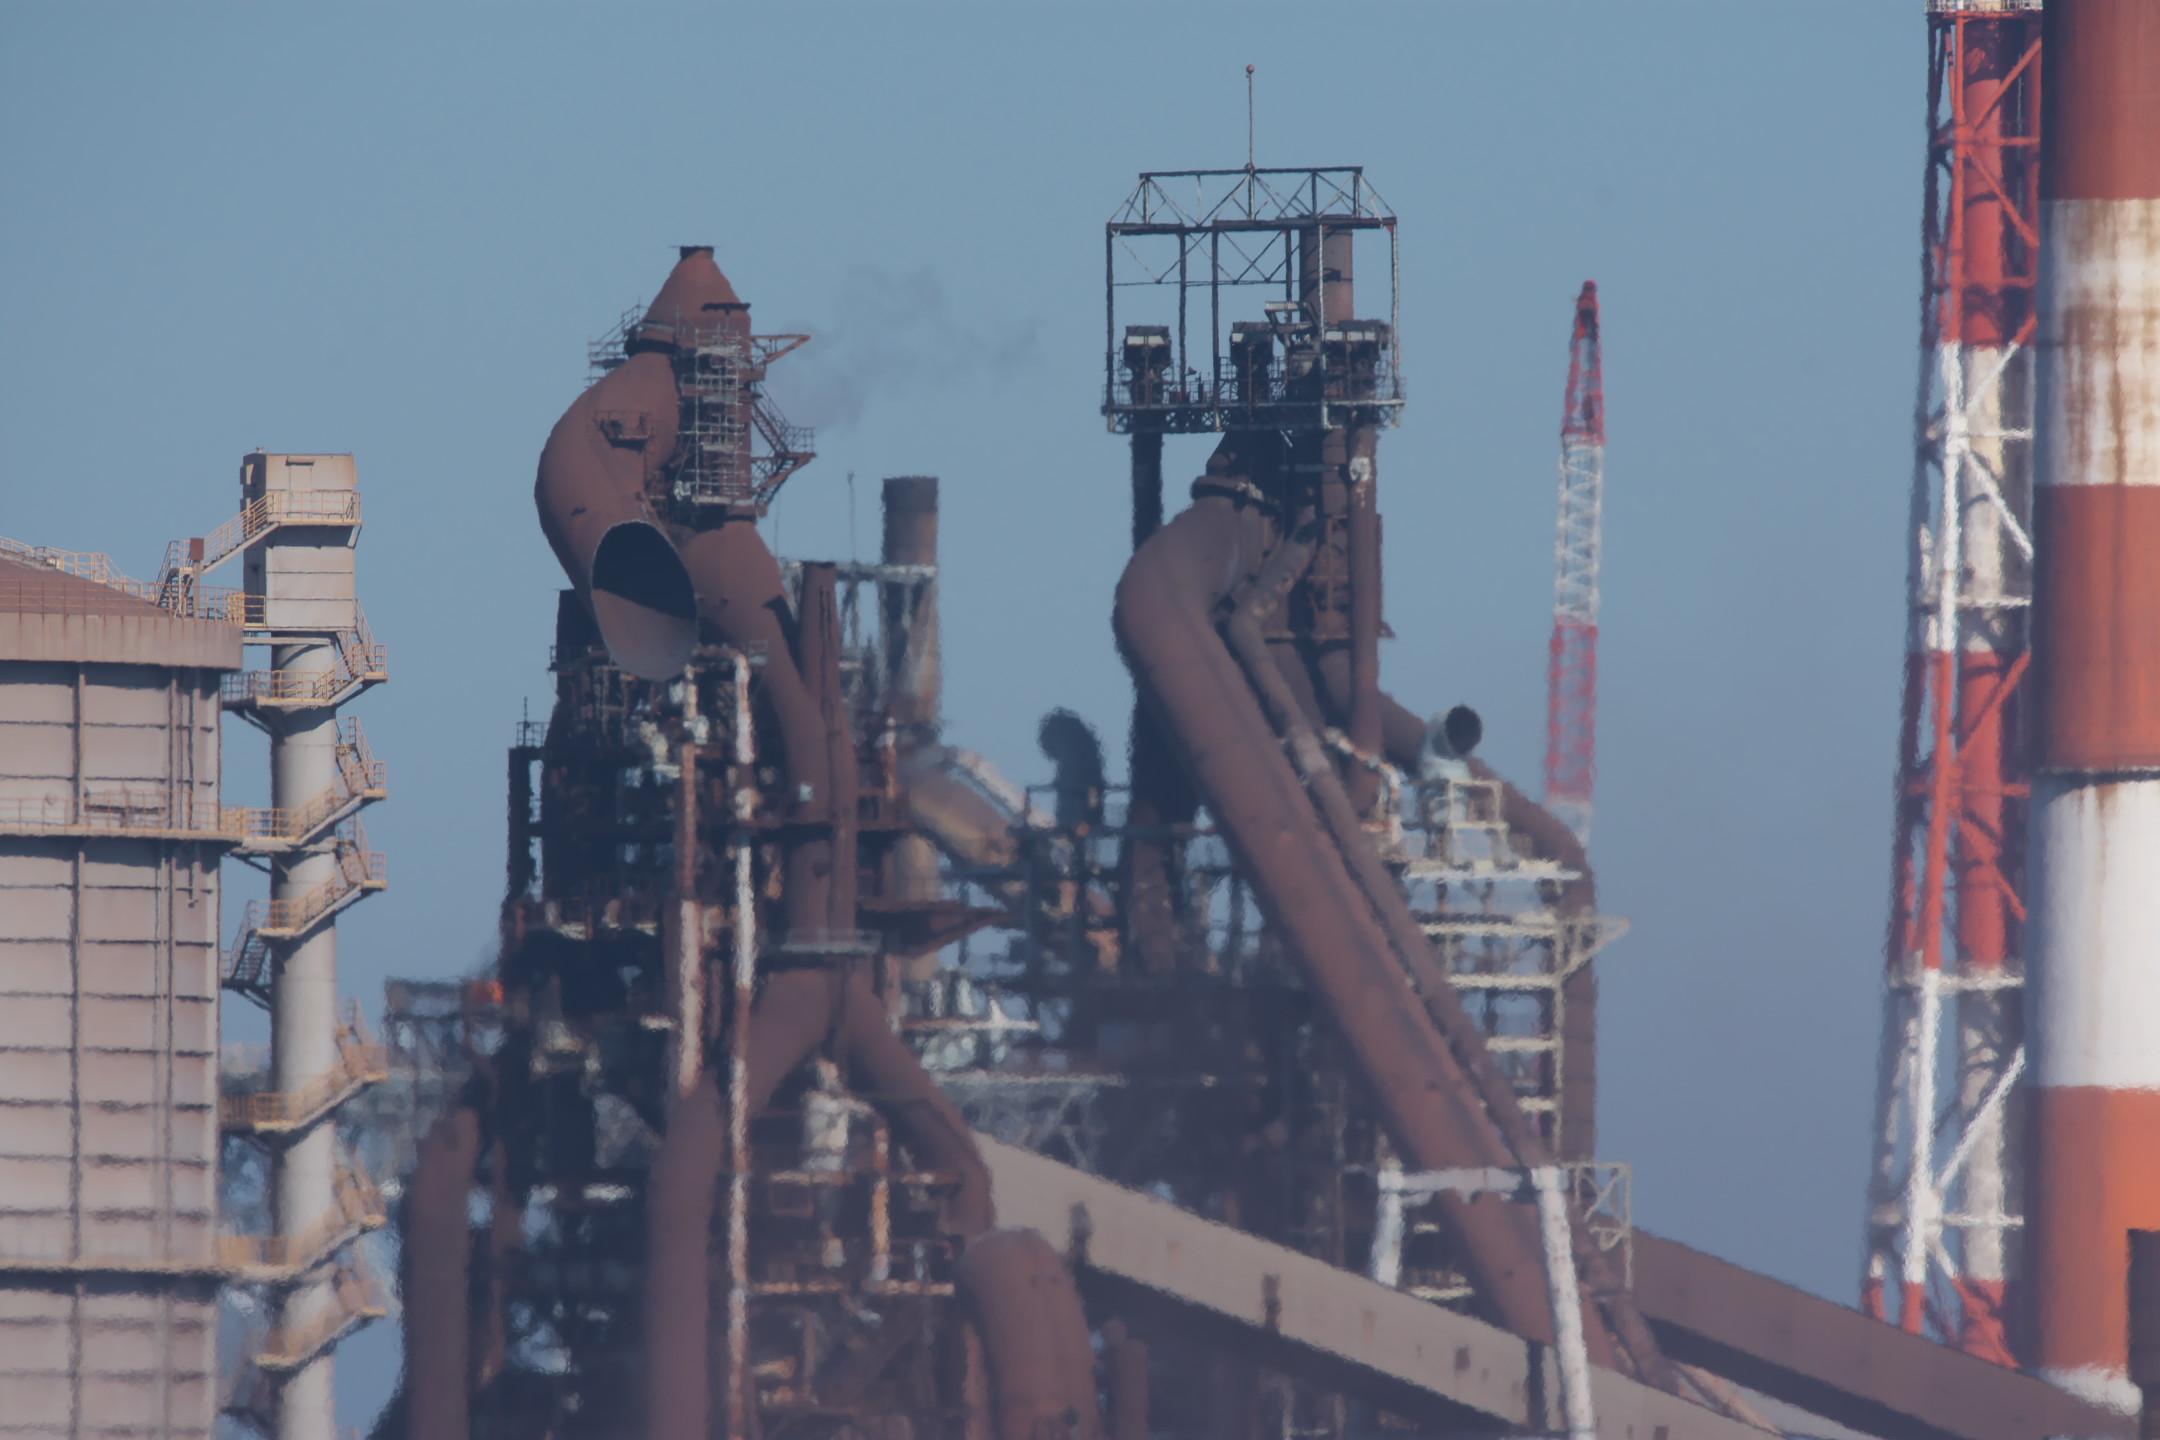 一貫製鉄所のシンボル「高炉」